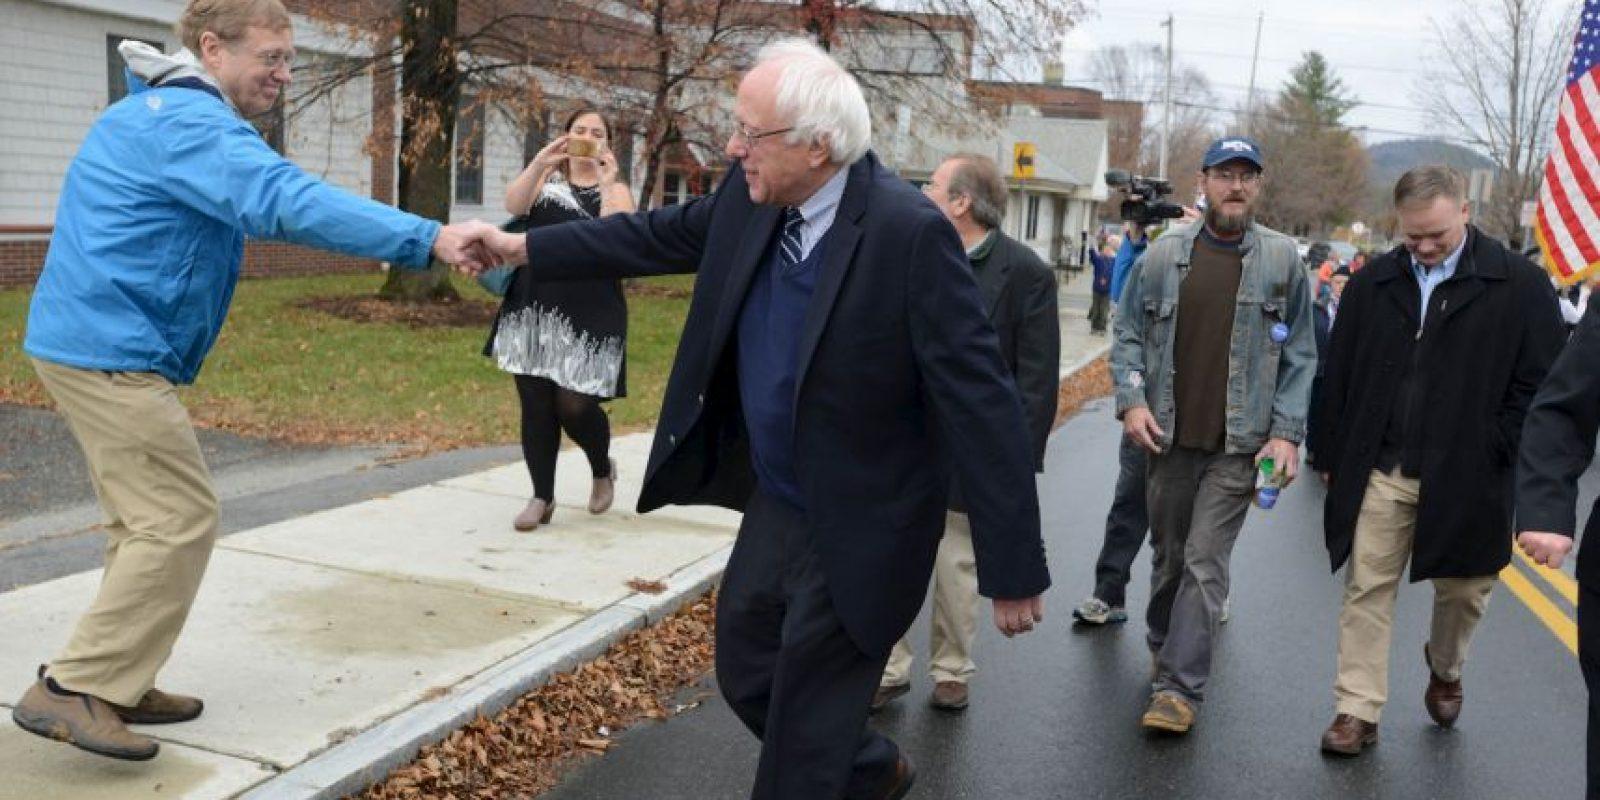 Se trata de Bernie Sanders, rival de Hillary Clinton en las primarias del Partido Demócrata Foto:Getty Images